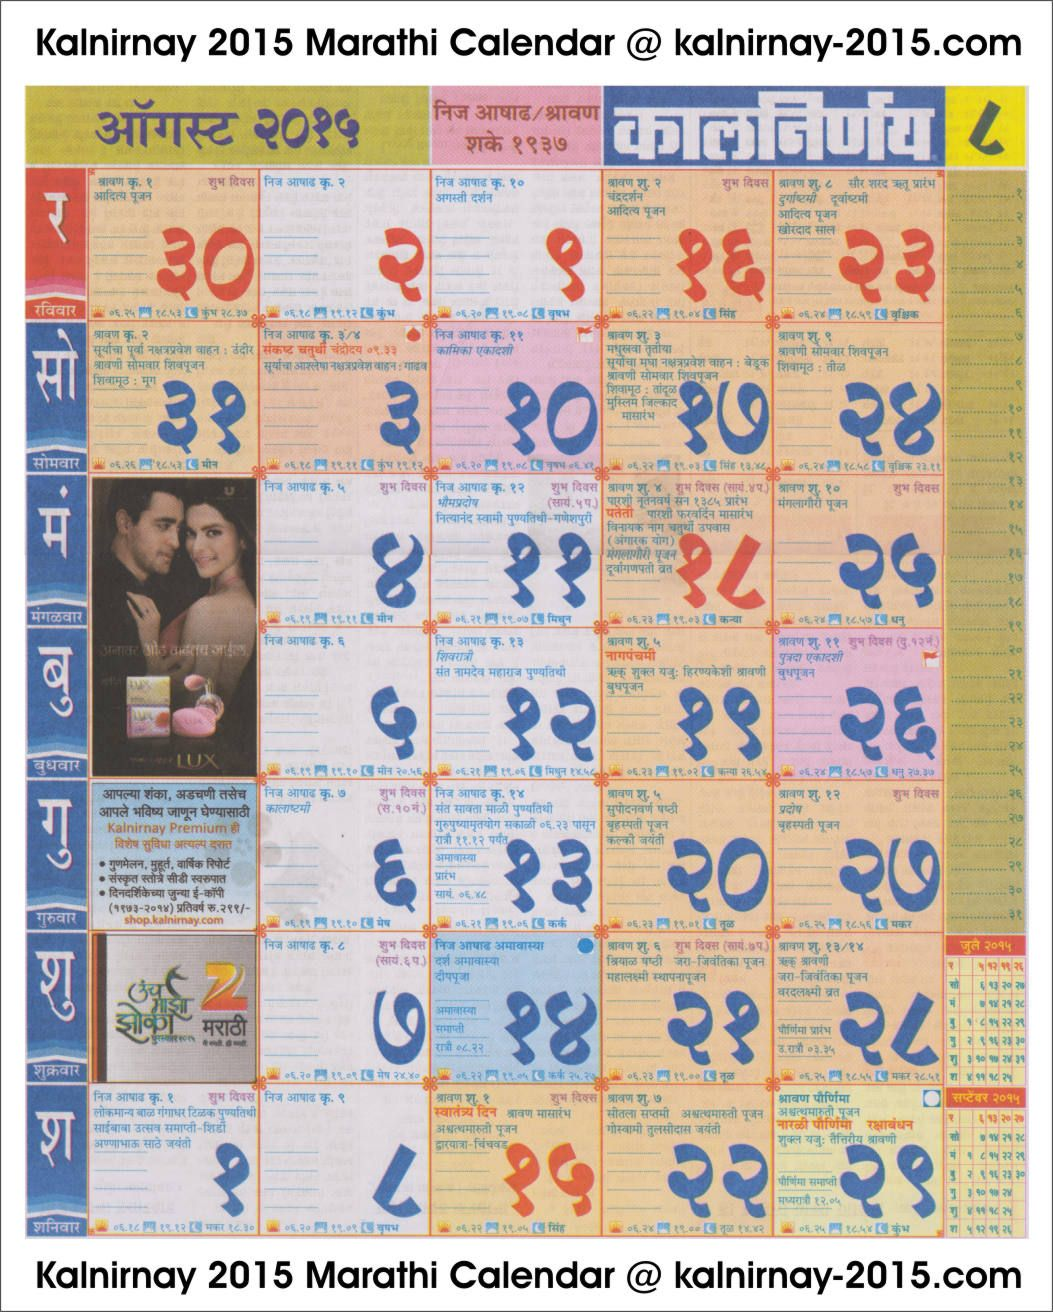 August 2015 Marathi Kalnirnay Calendar | 2015 Kalnirnay